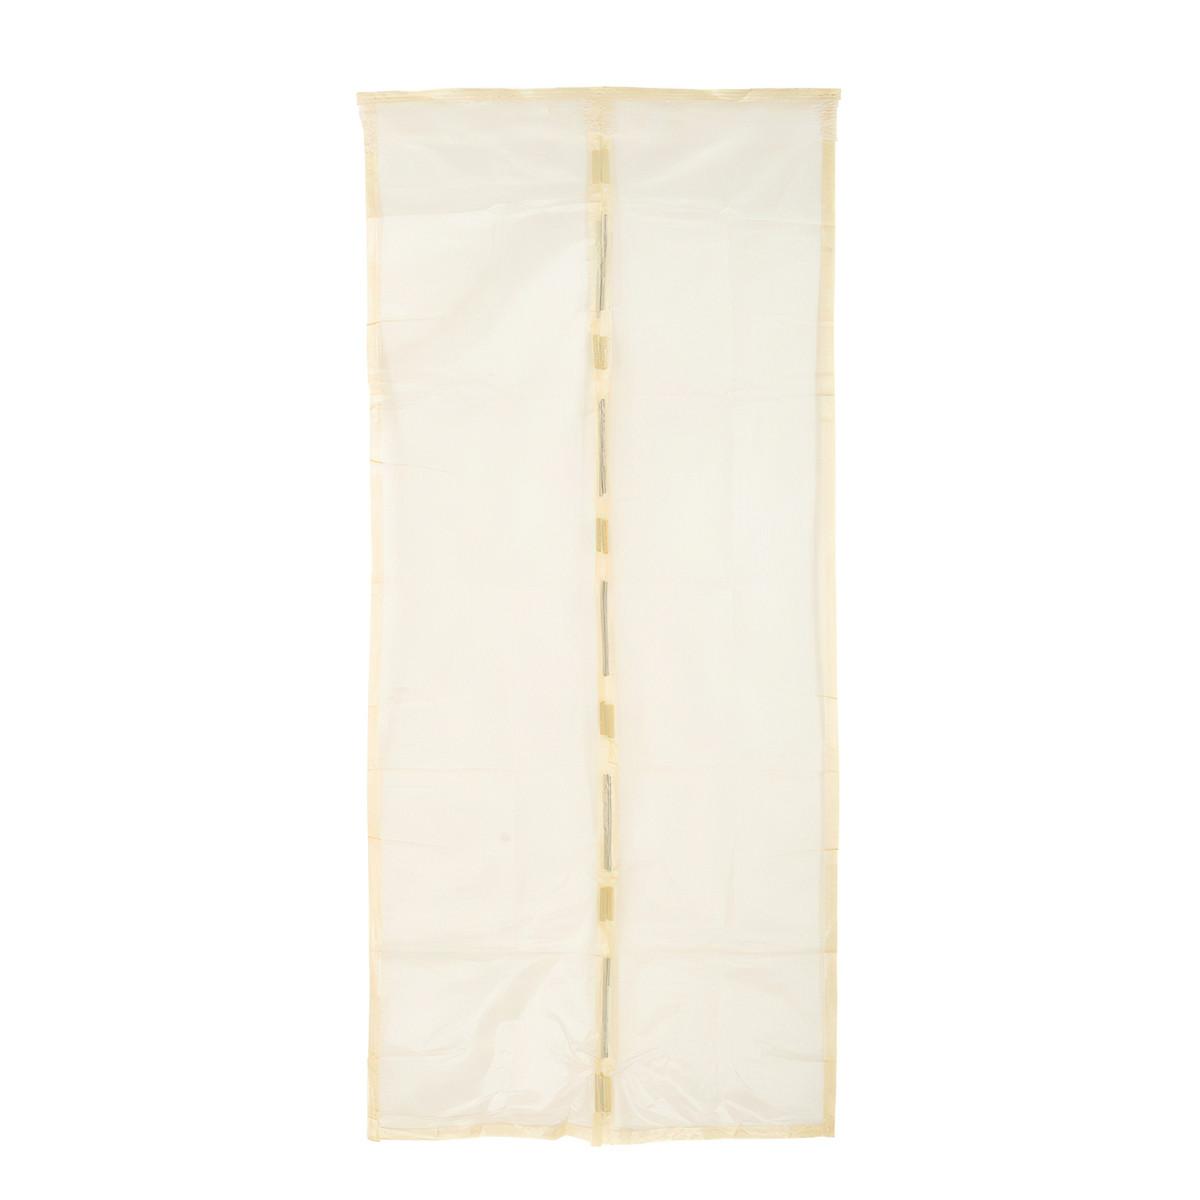 Антимоскитная сетка на дверь на магнитах Бежевая 100х210 см, сетка от комаров на магнитах (ST)